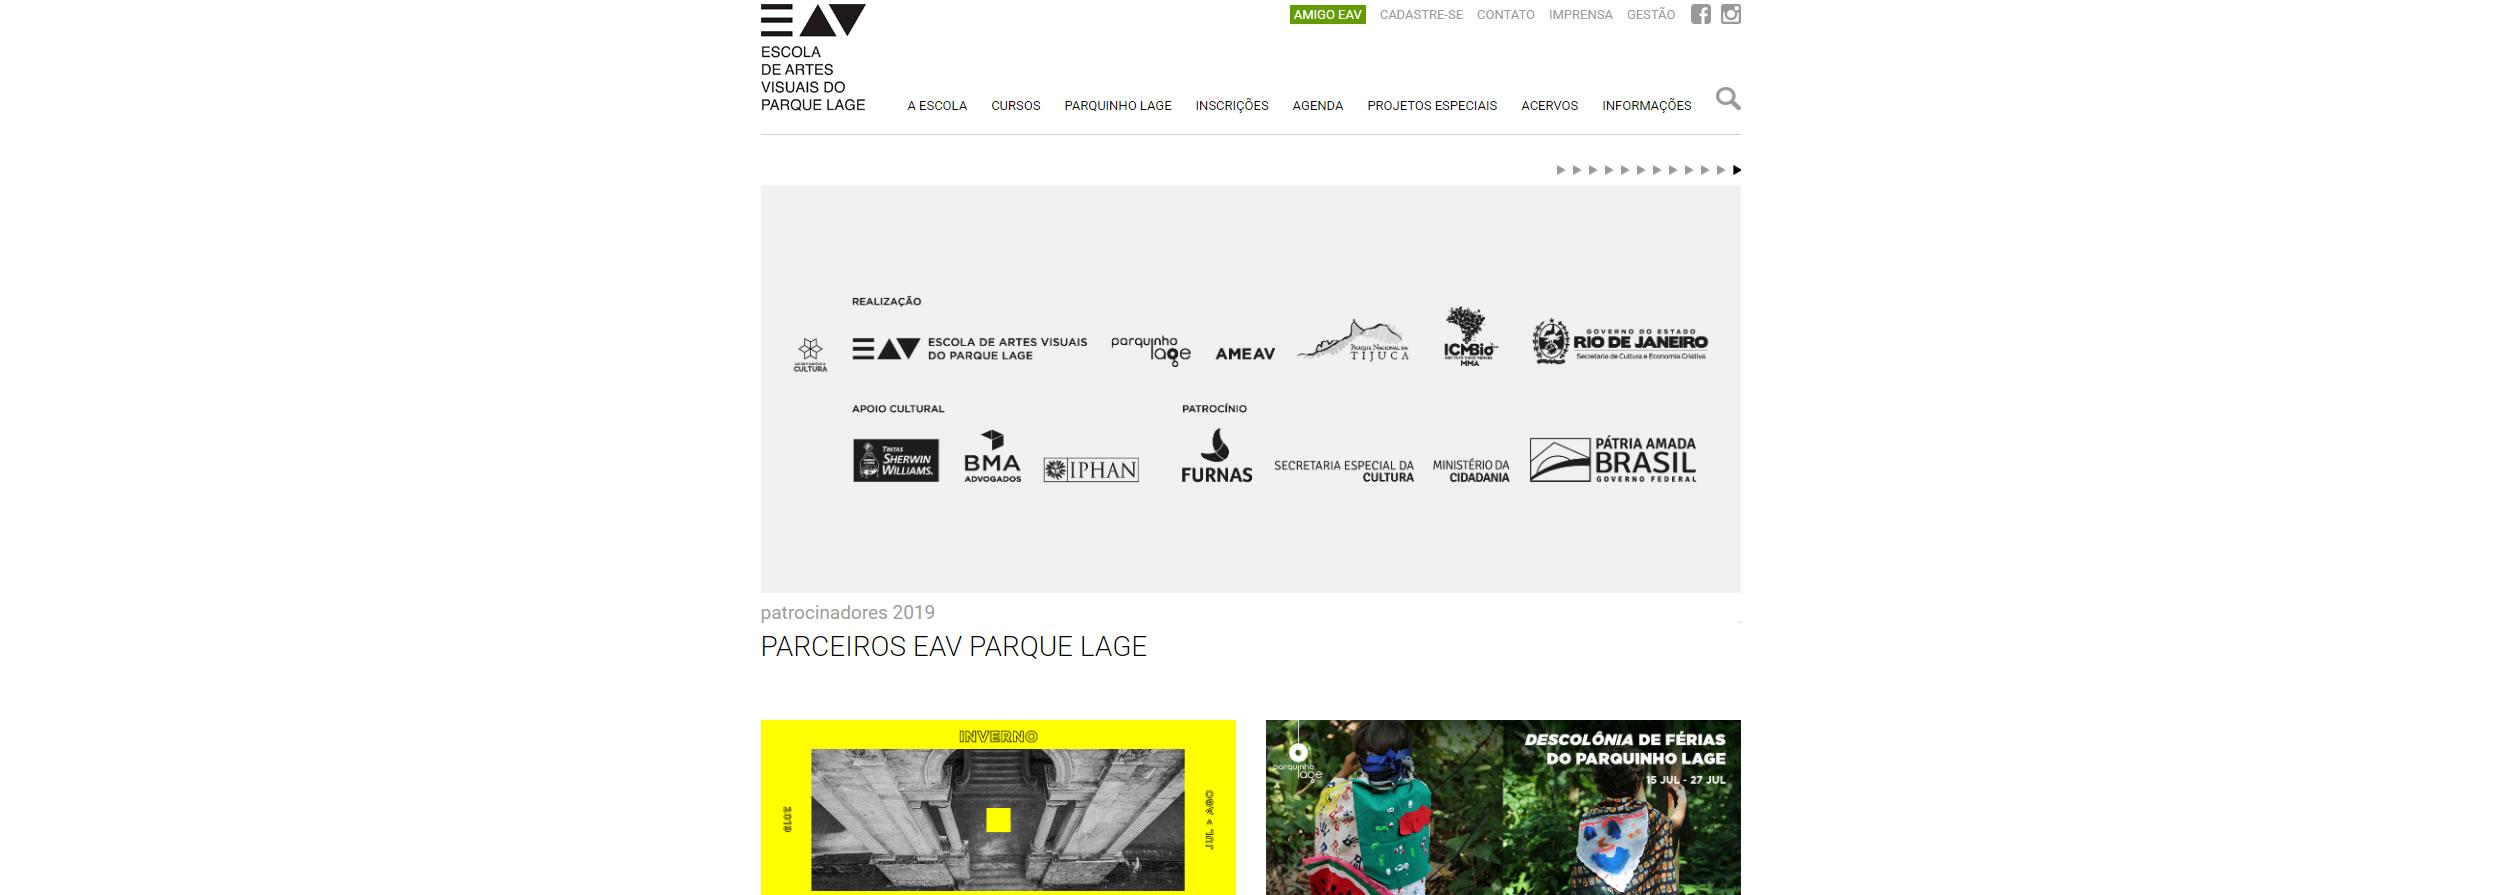 escola_de_artes_visuais_do_parque_large_galeria_de_gravura